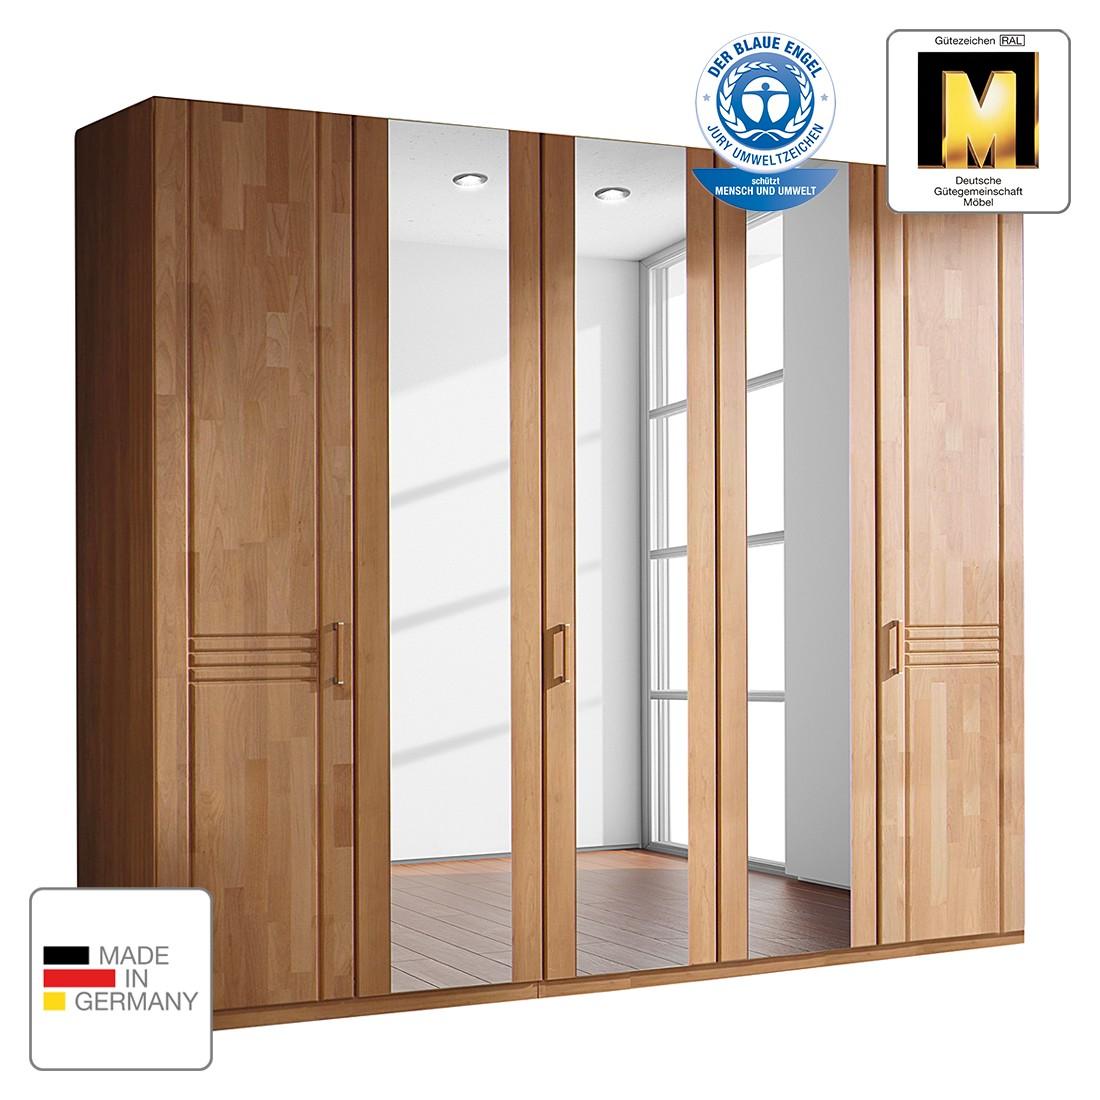 goedkoop Draaideurkast Savina Els 189cm 4 deurs 2 spiegeldeuren Zonder Passe partout lijst Rauch Steffen